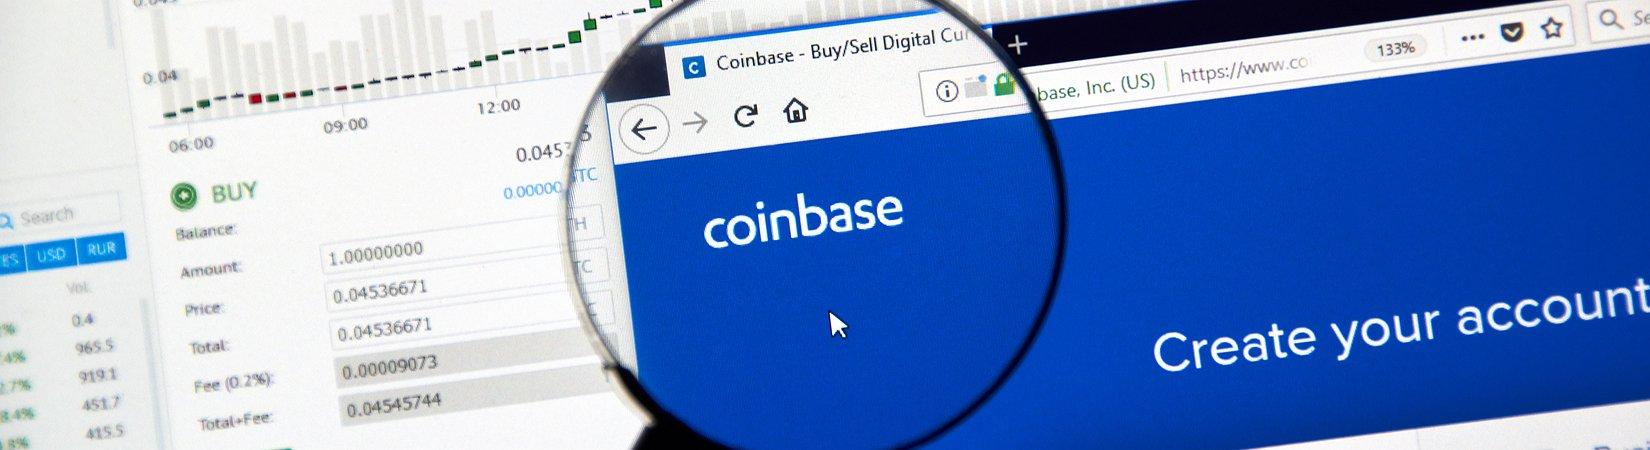 ¿Quién está ganando más dinero gracias al bitcoin?